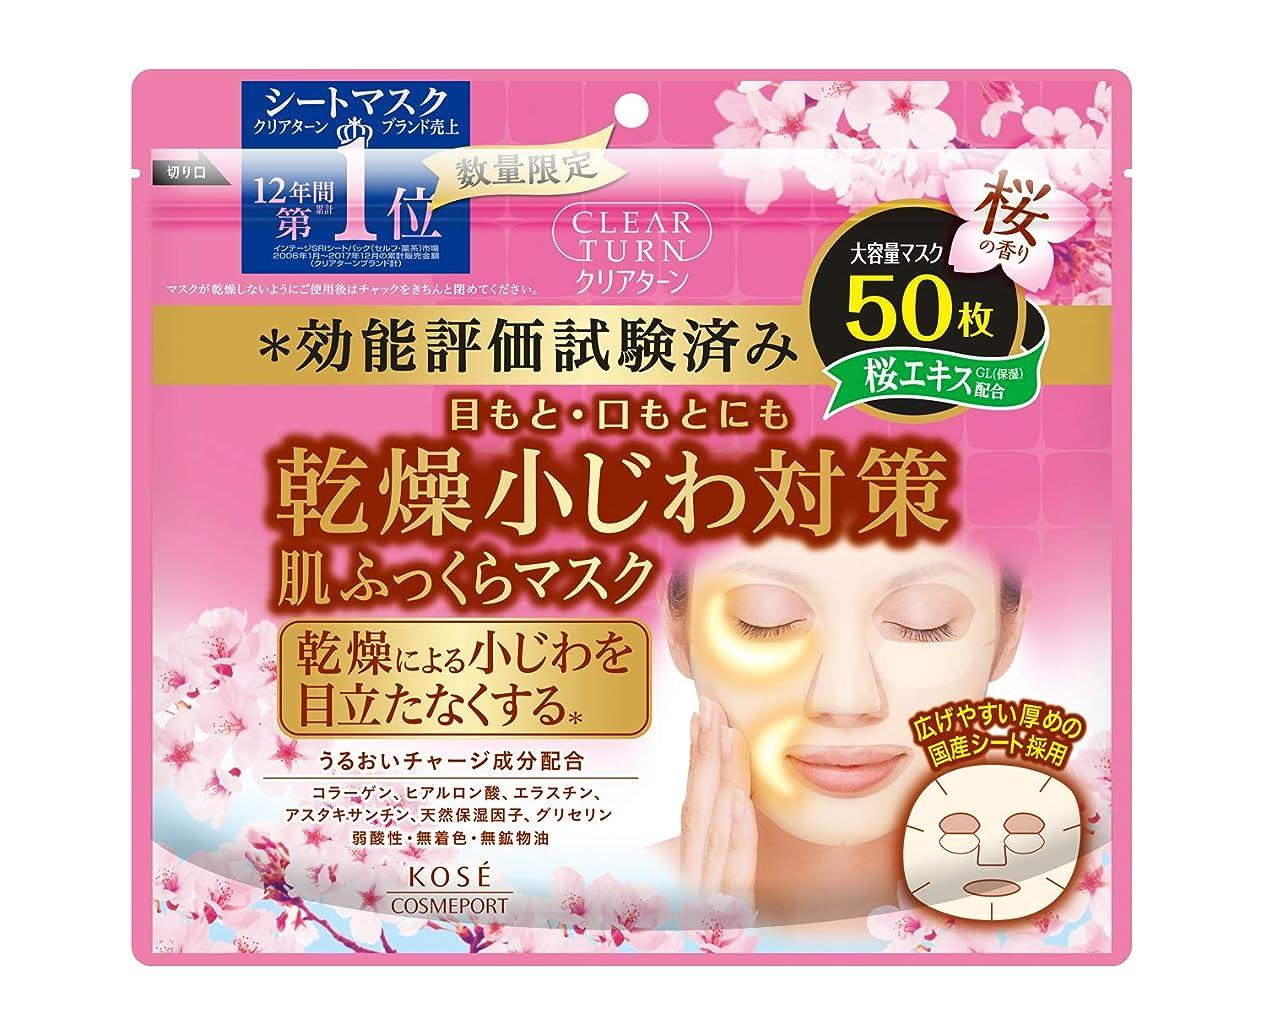 災難容量続編KOSE クリアターン 肌ふっくらマスク 50枚 桜の香り